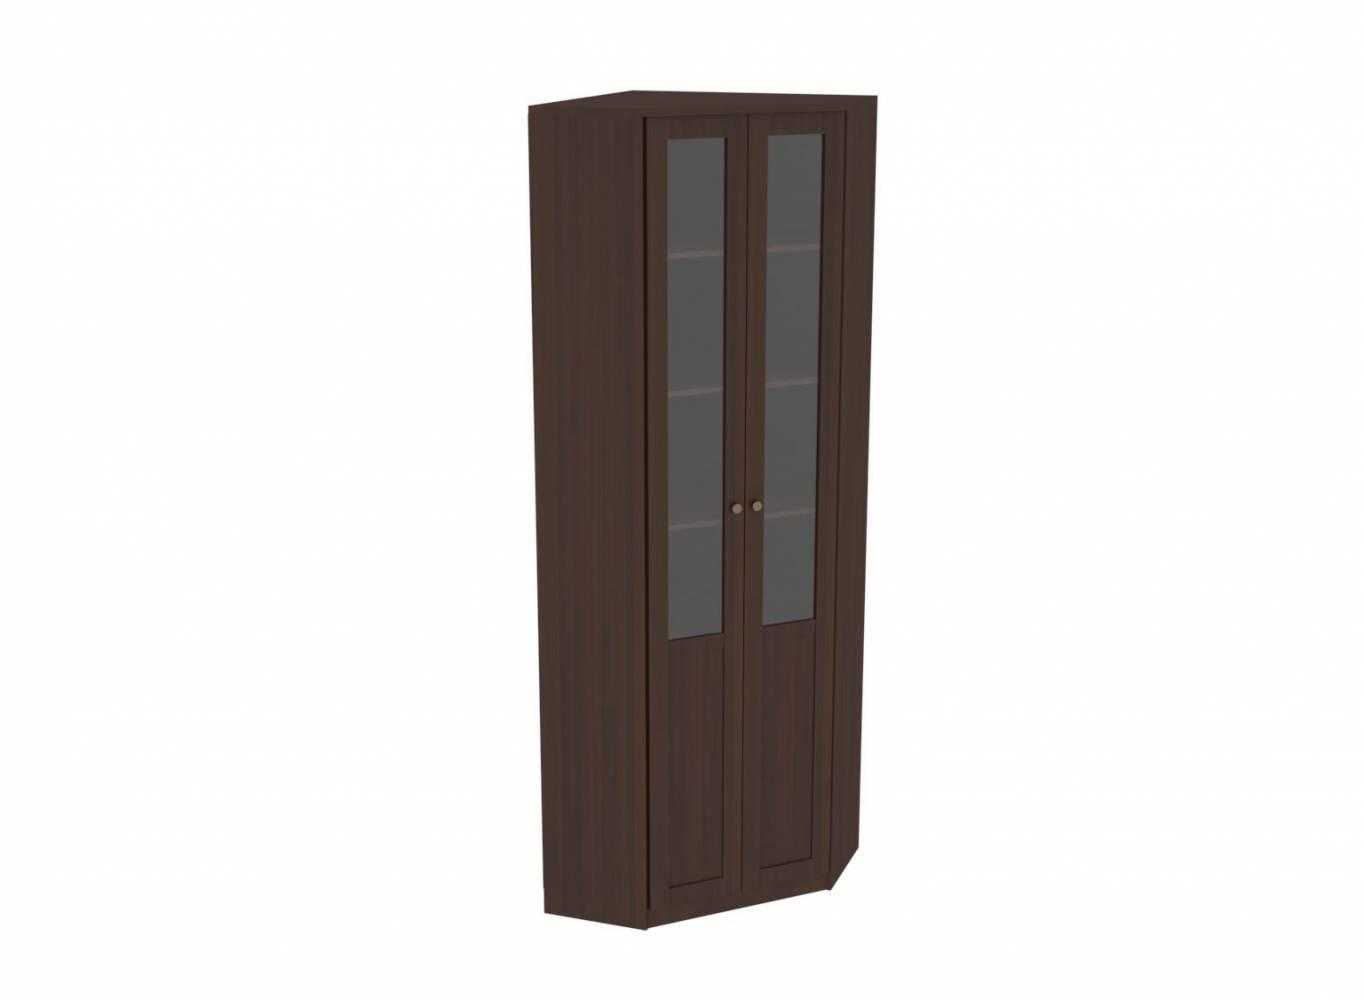 Луиза мод Л3-4 Шкаф угловой, Орех